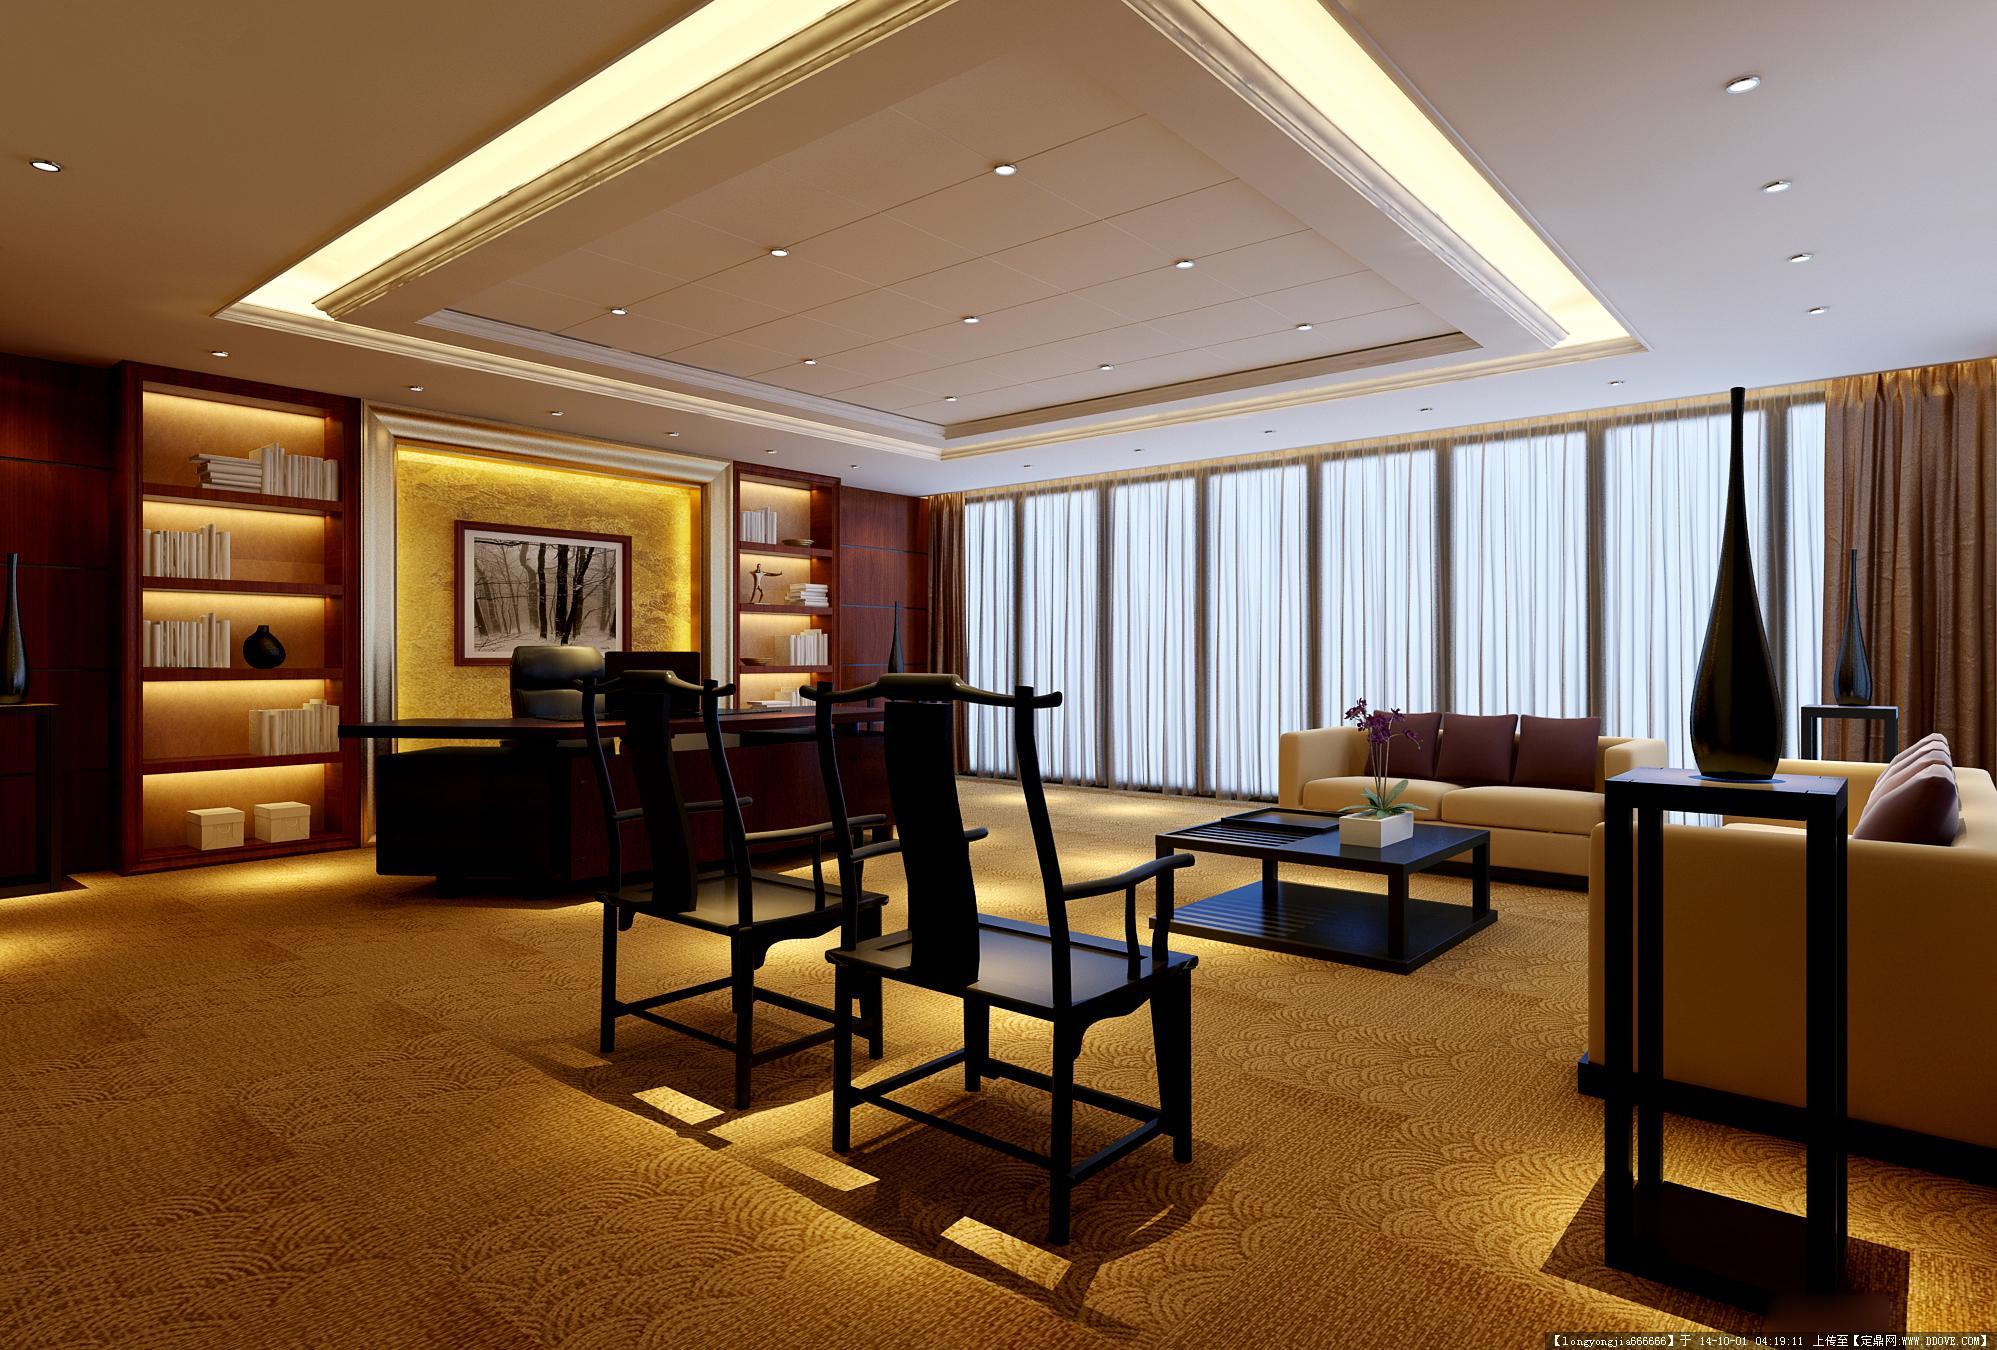 会议室室内装饰设计方案效果图 04图片